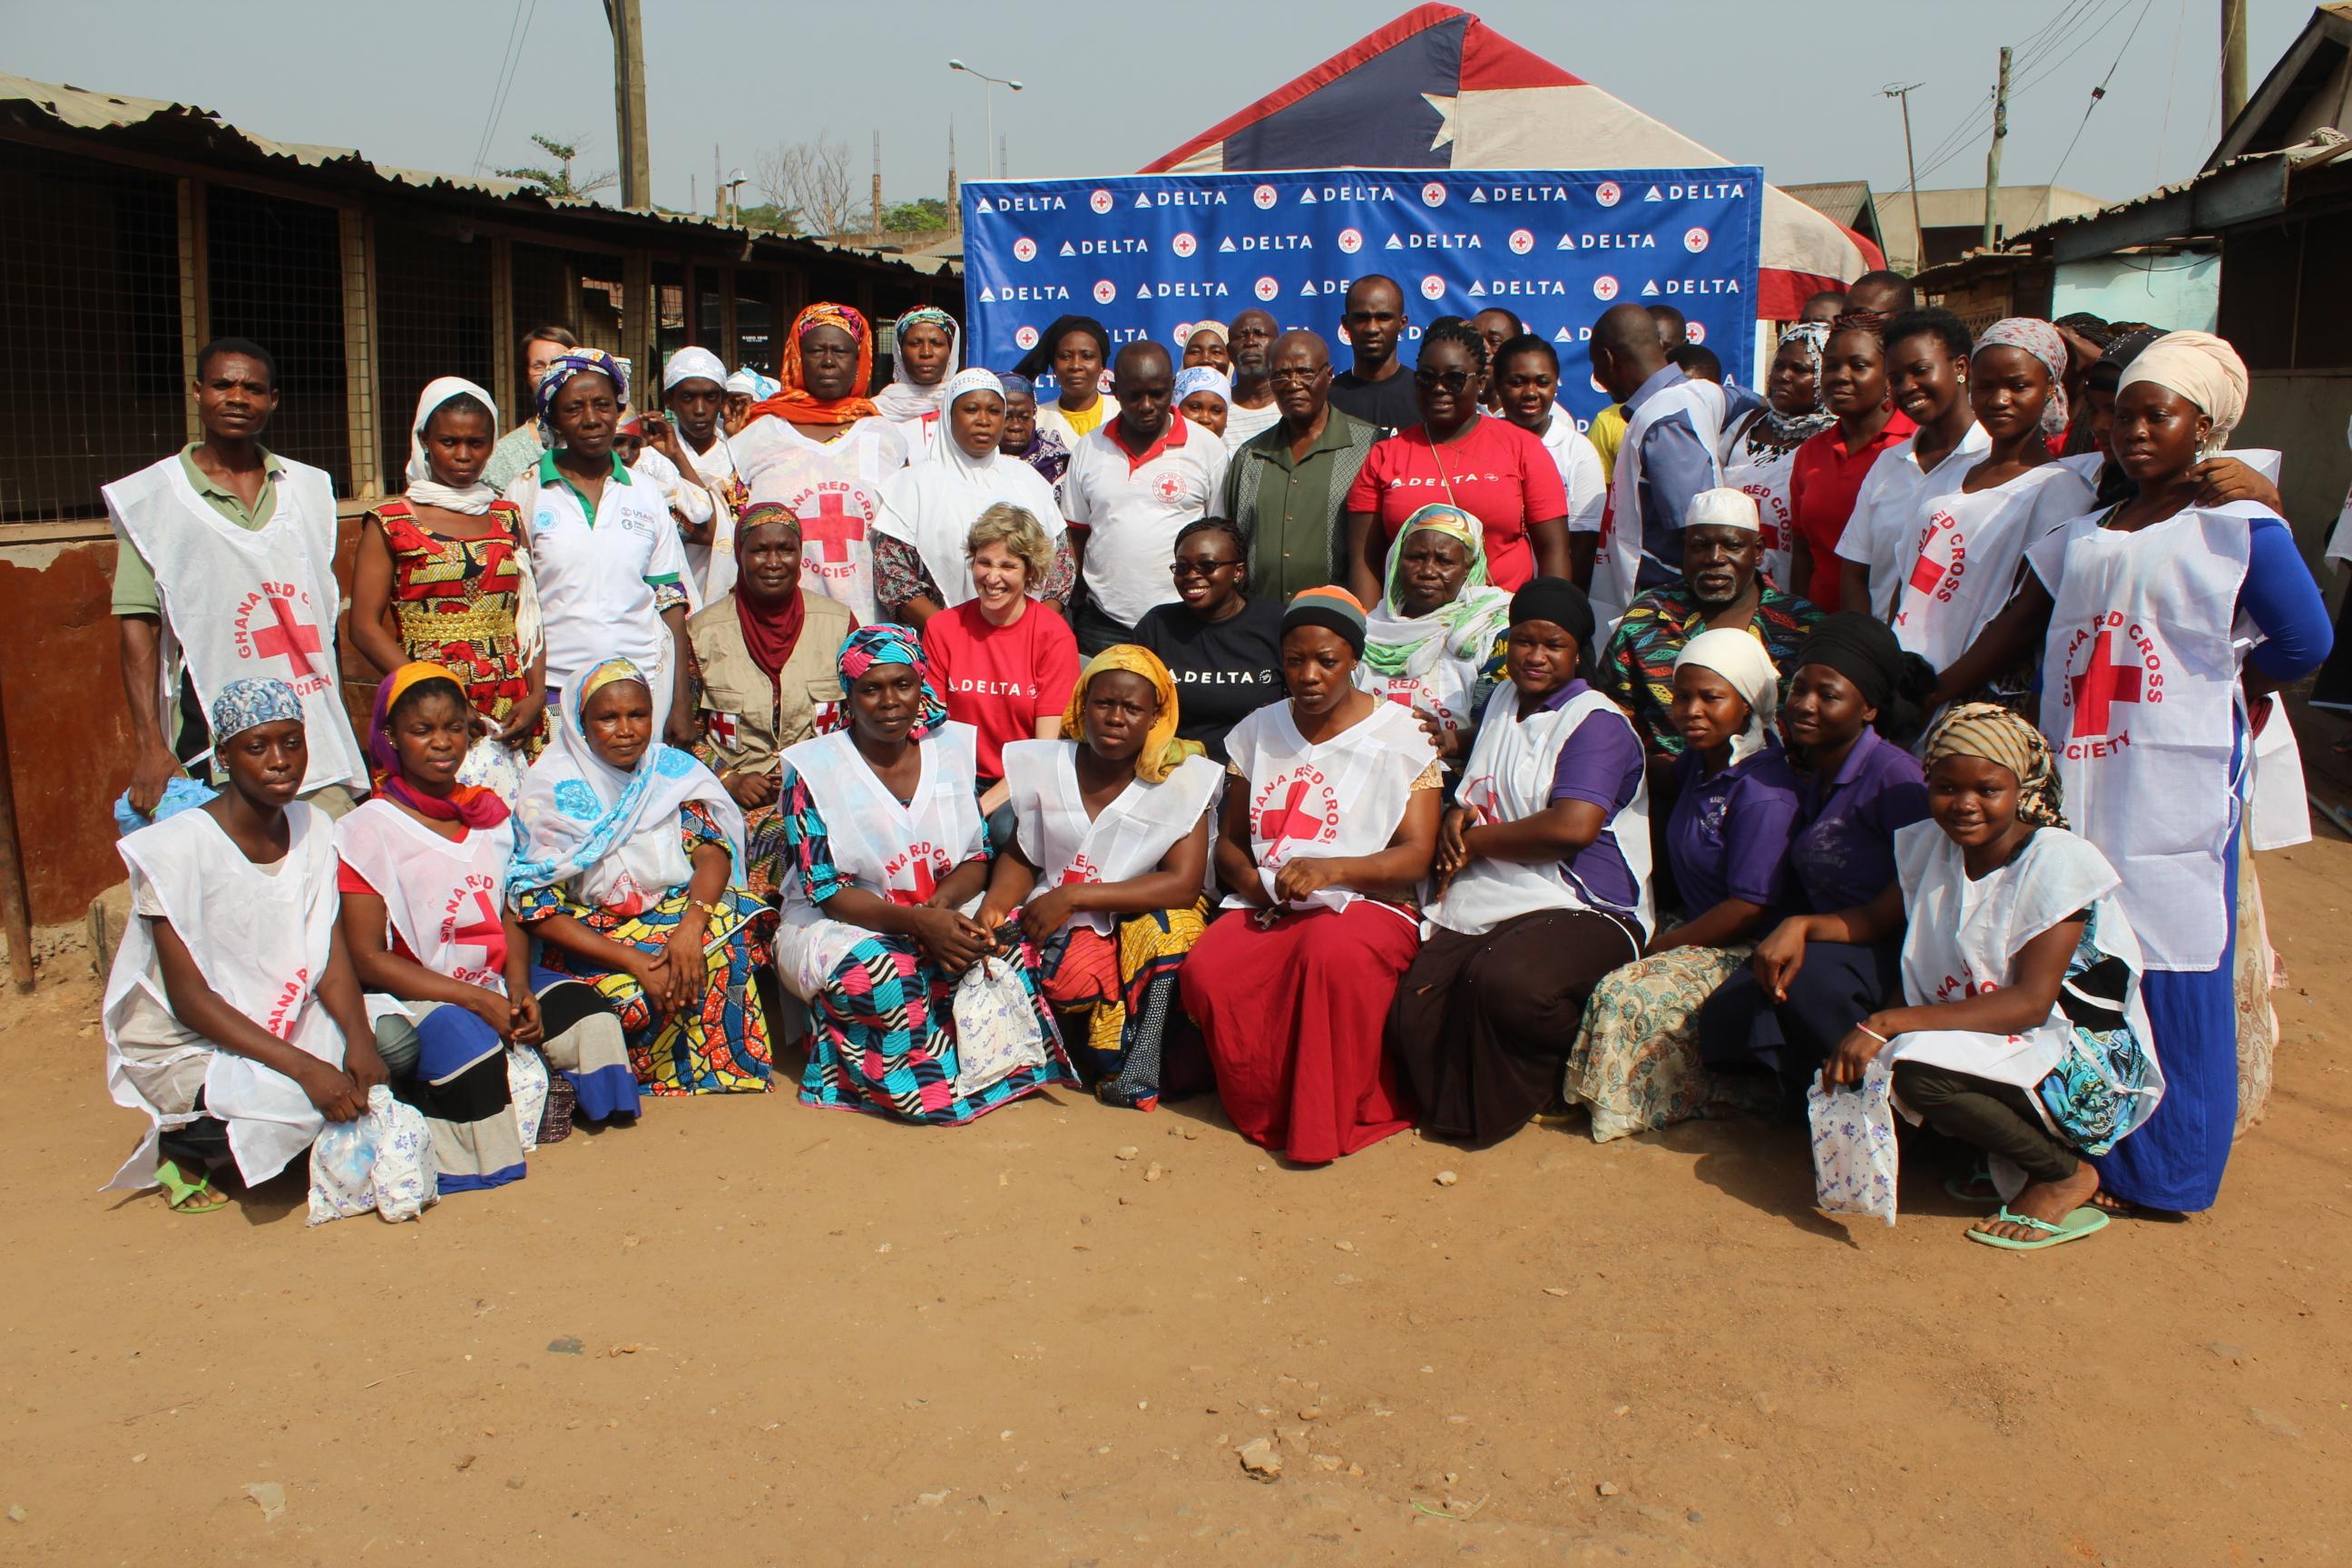 Ghana Red Cross Group Photos